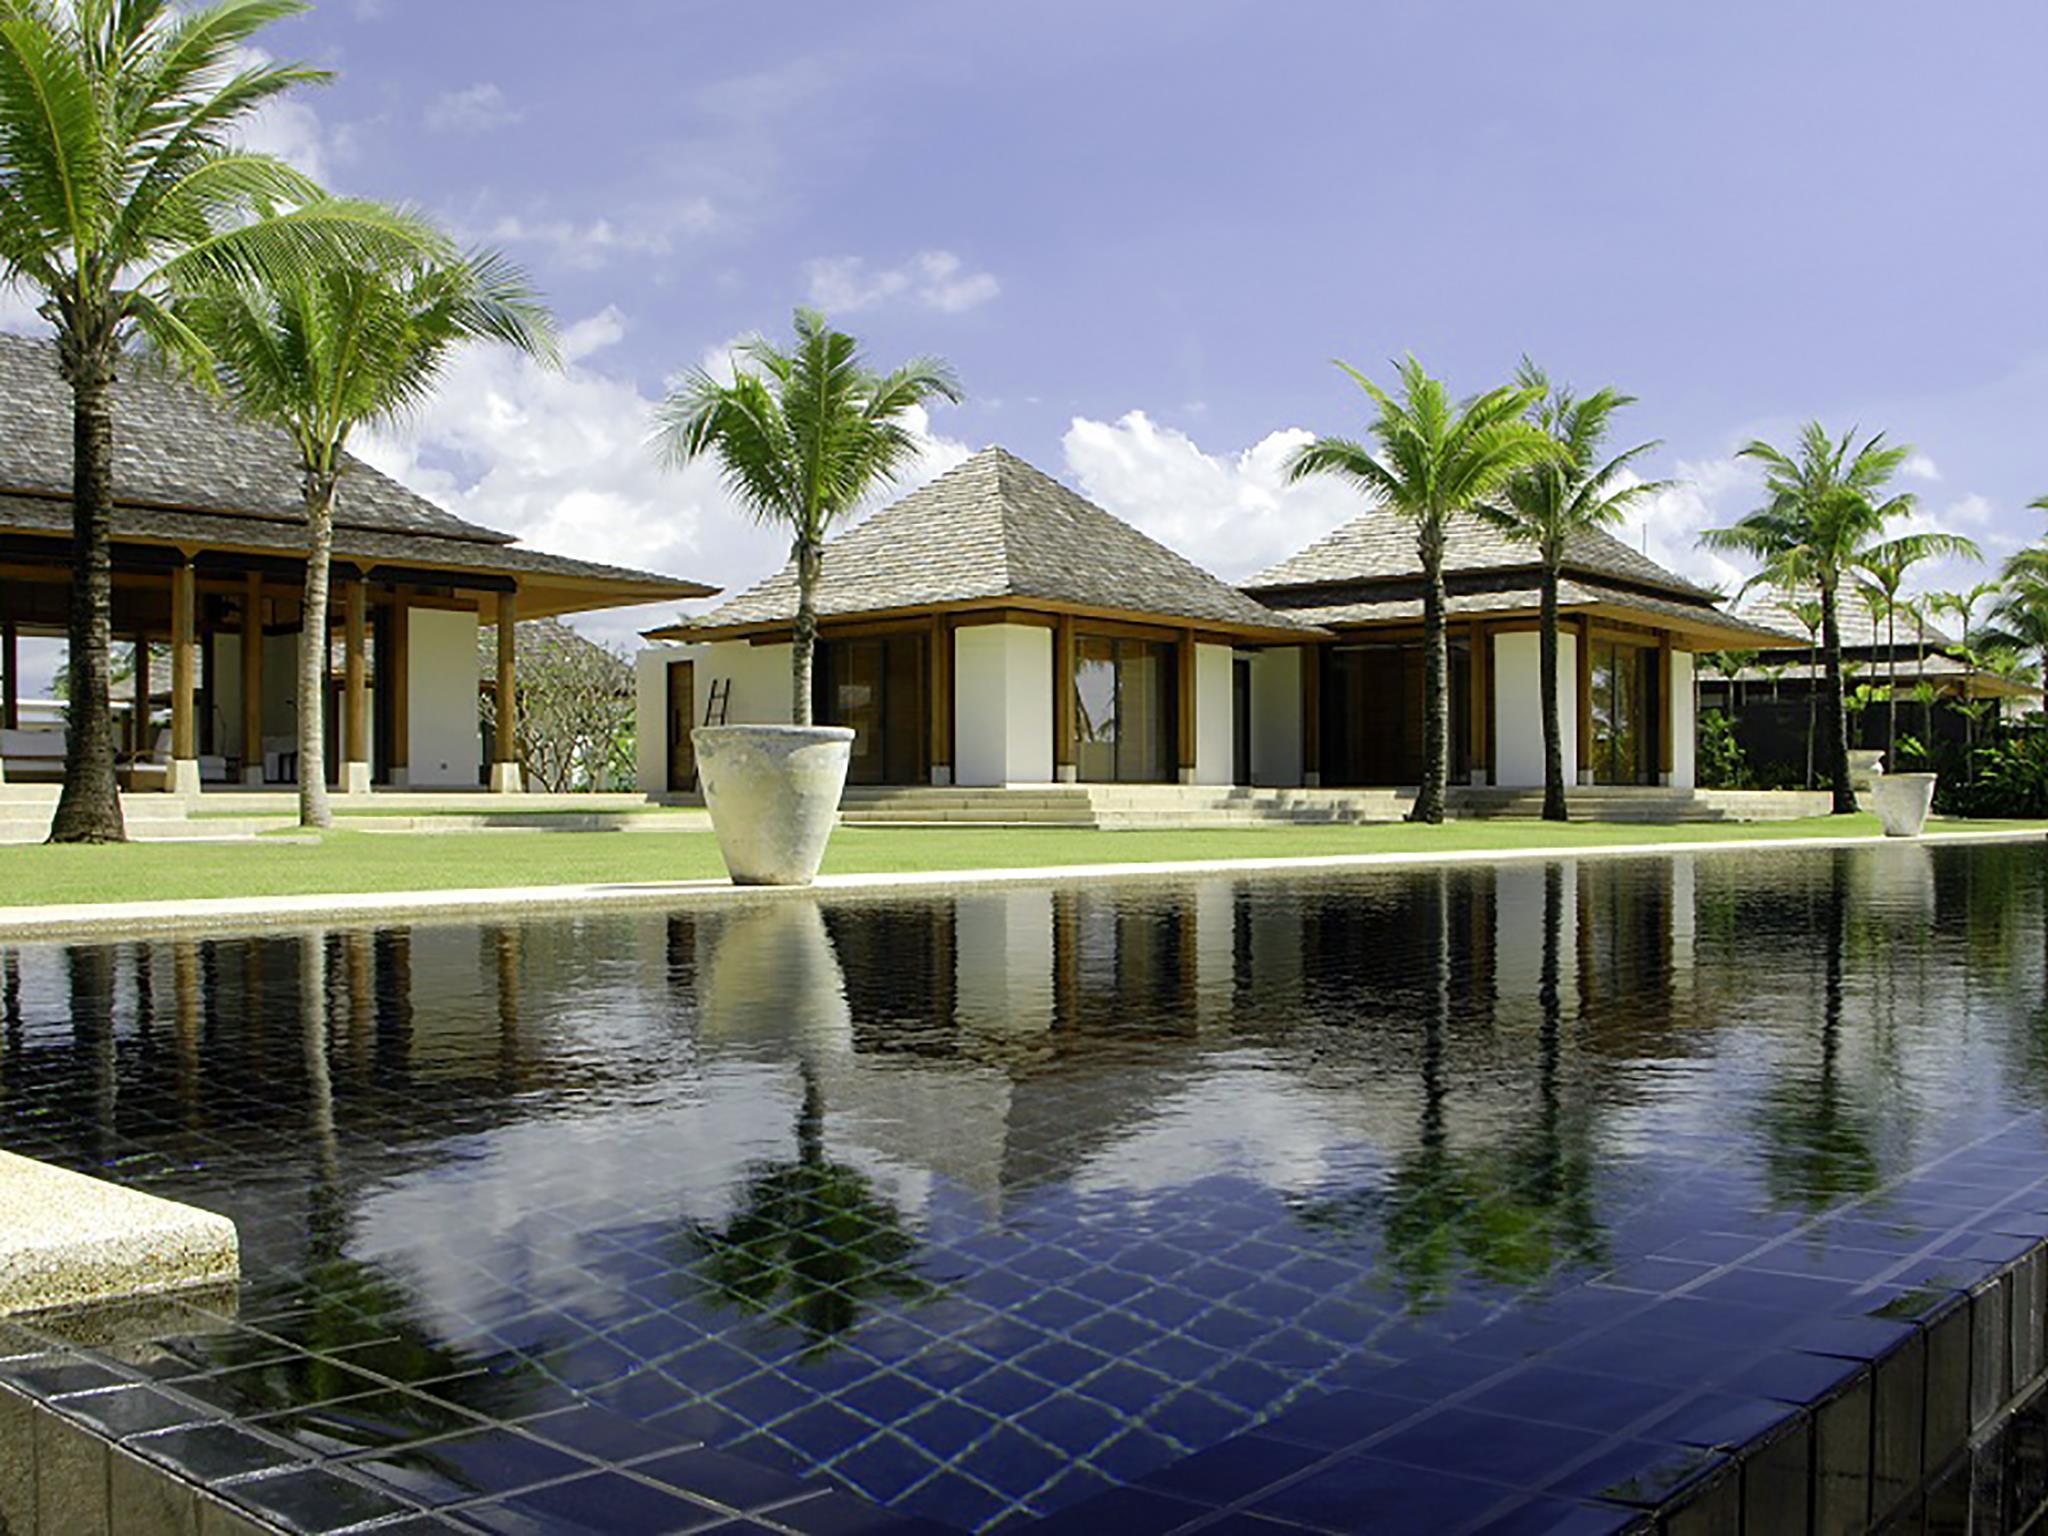 Jivana Beach Villas ชีวานา บีช วิลลา